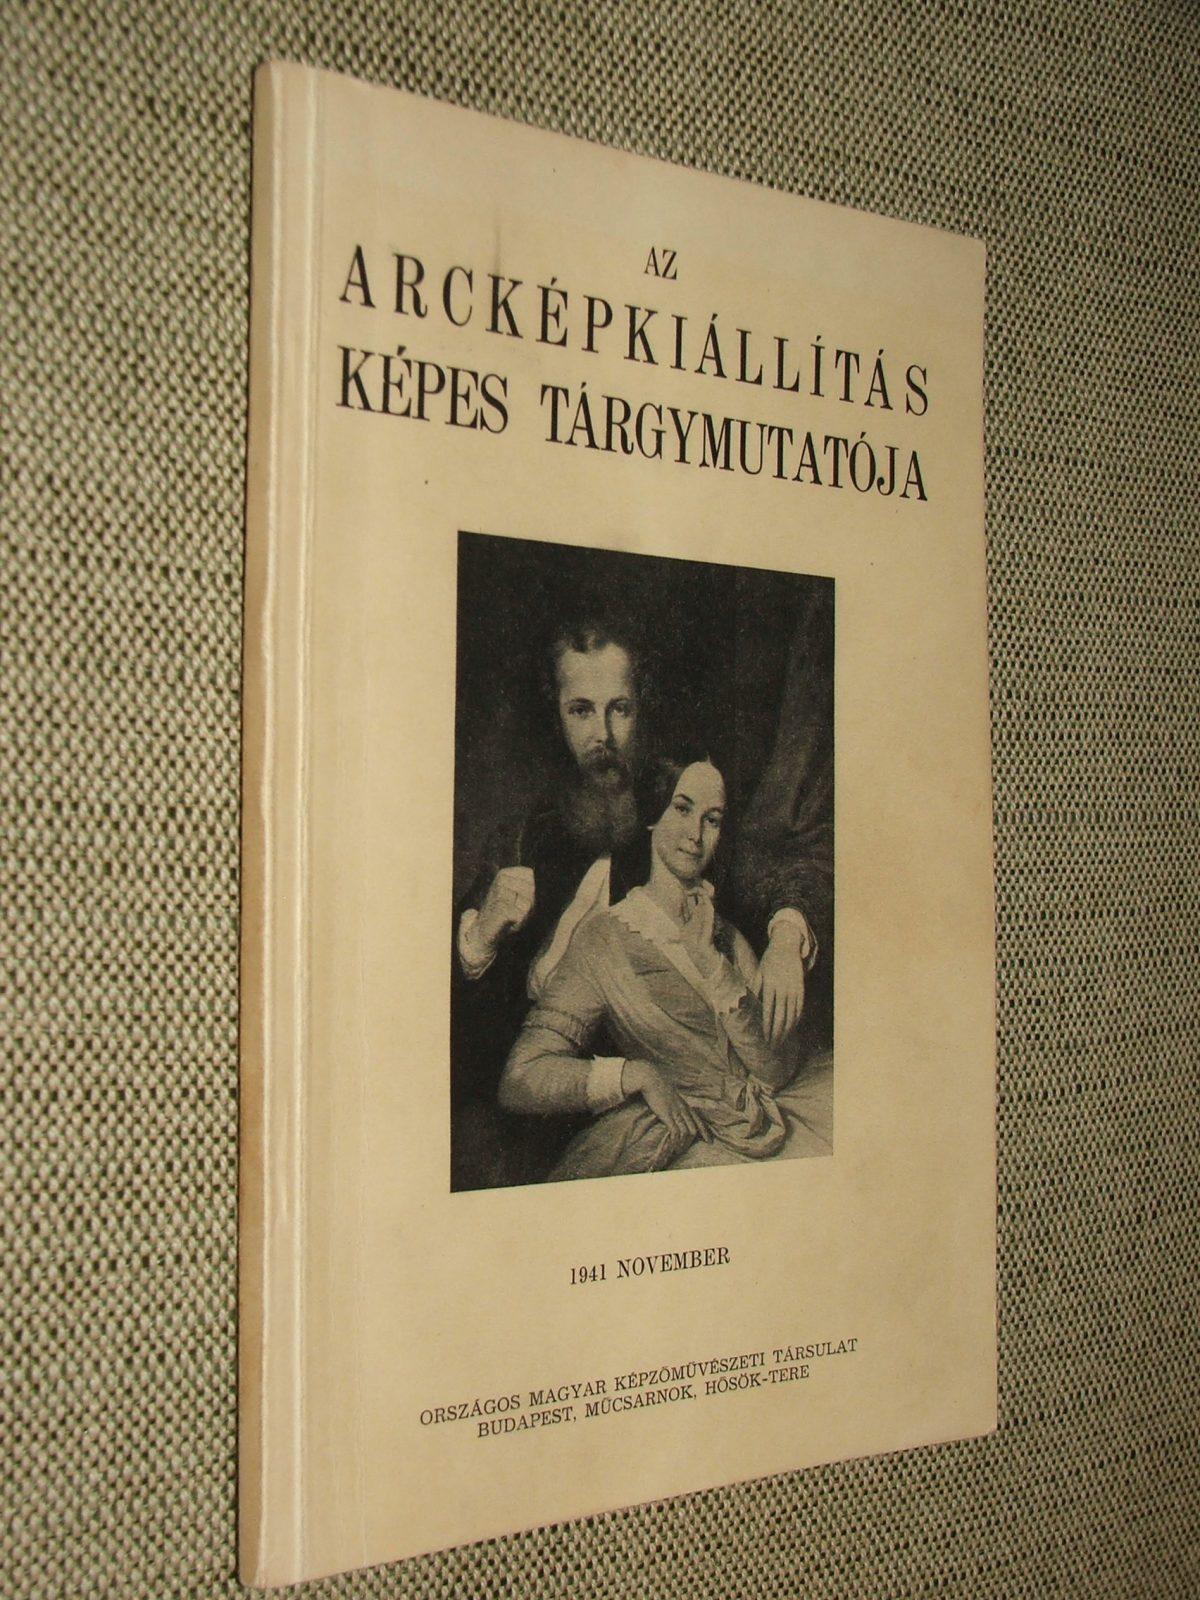 A Magyar Arcképfestők Társasága reprezentatív arcképkiállításának katalógusa